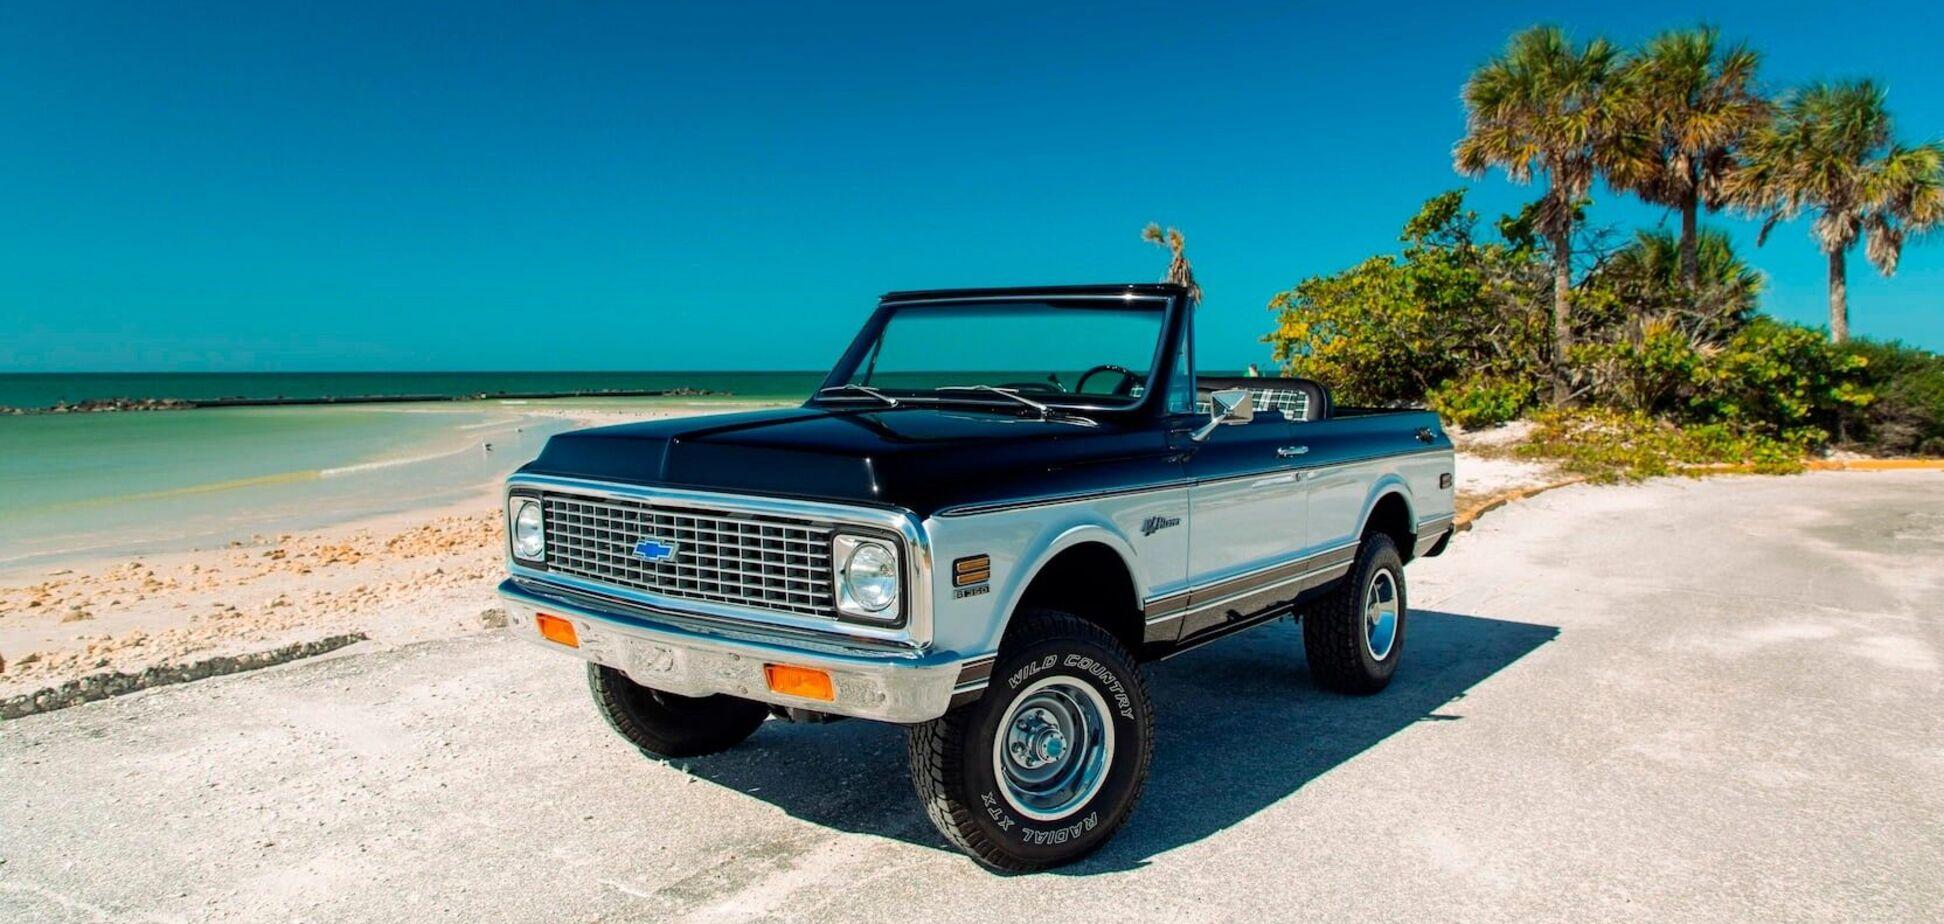 На аукцион выставили 'пляжный' внедорожник Chevrolet